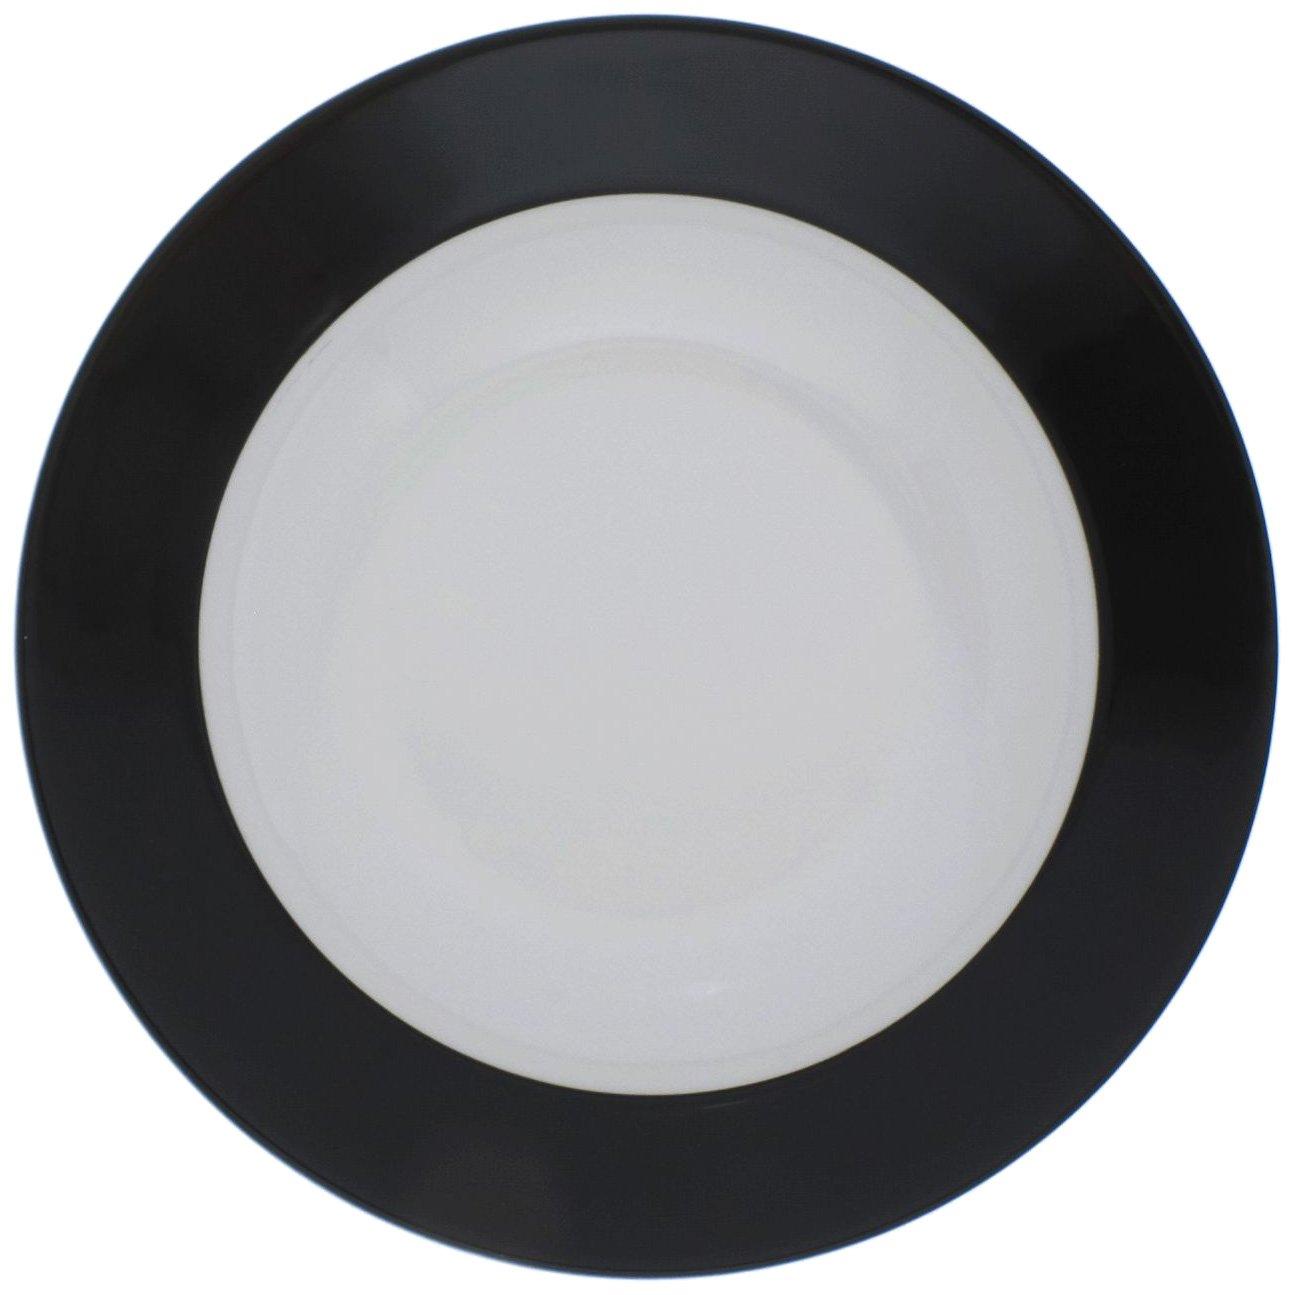 KAHLA Pronto Brunch Plate 9 Inches, Black Color, 1 Piece 576400A72128C